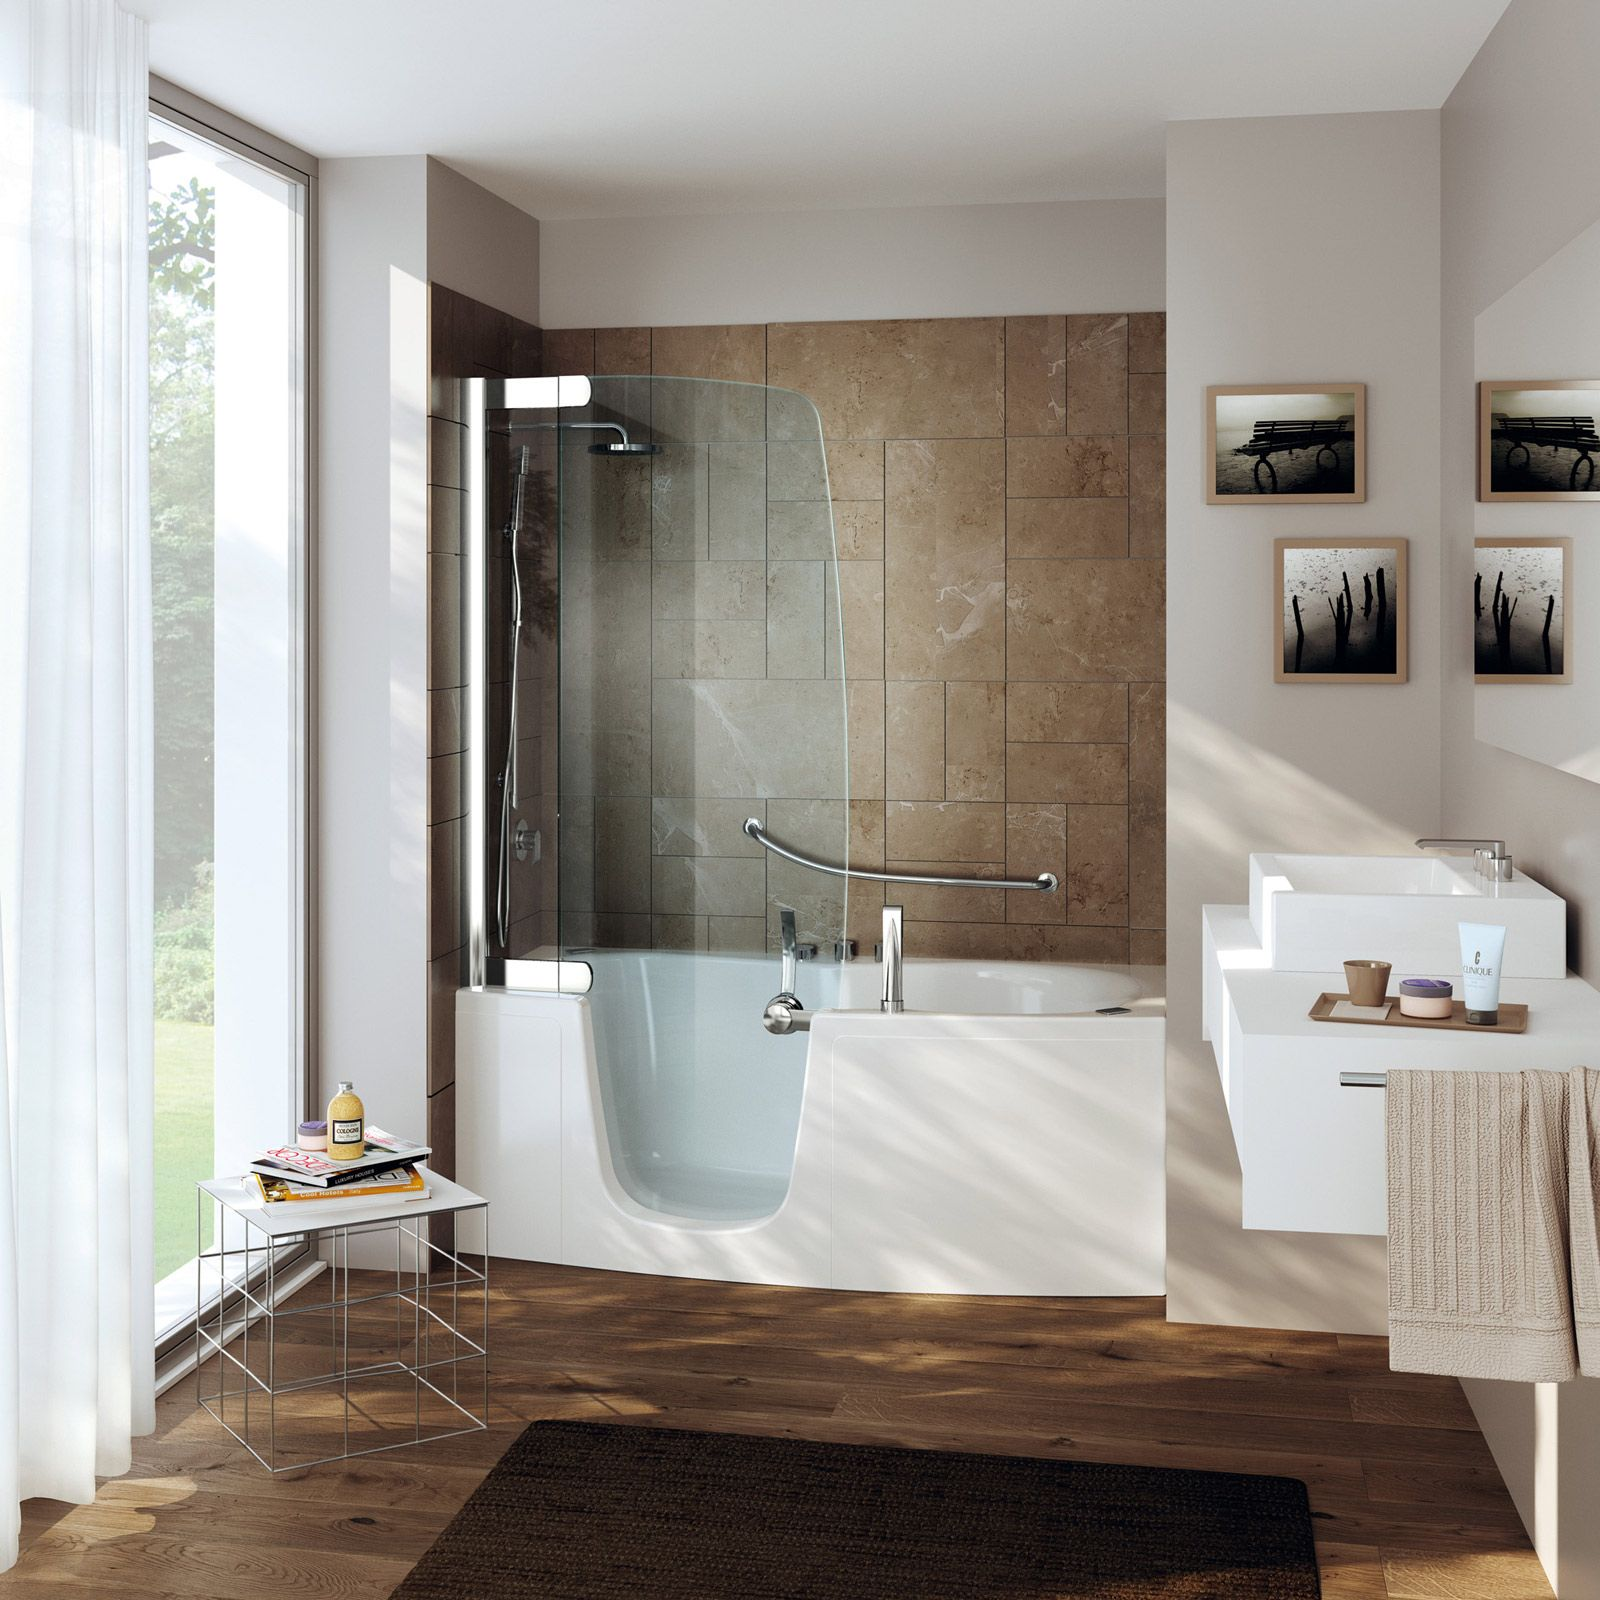 Vasca e doccia insieme Vasca da bagno doccia, Vasche